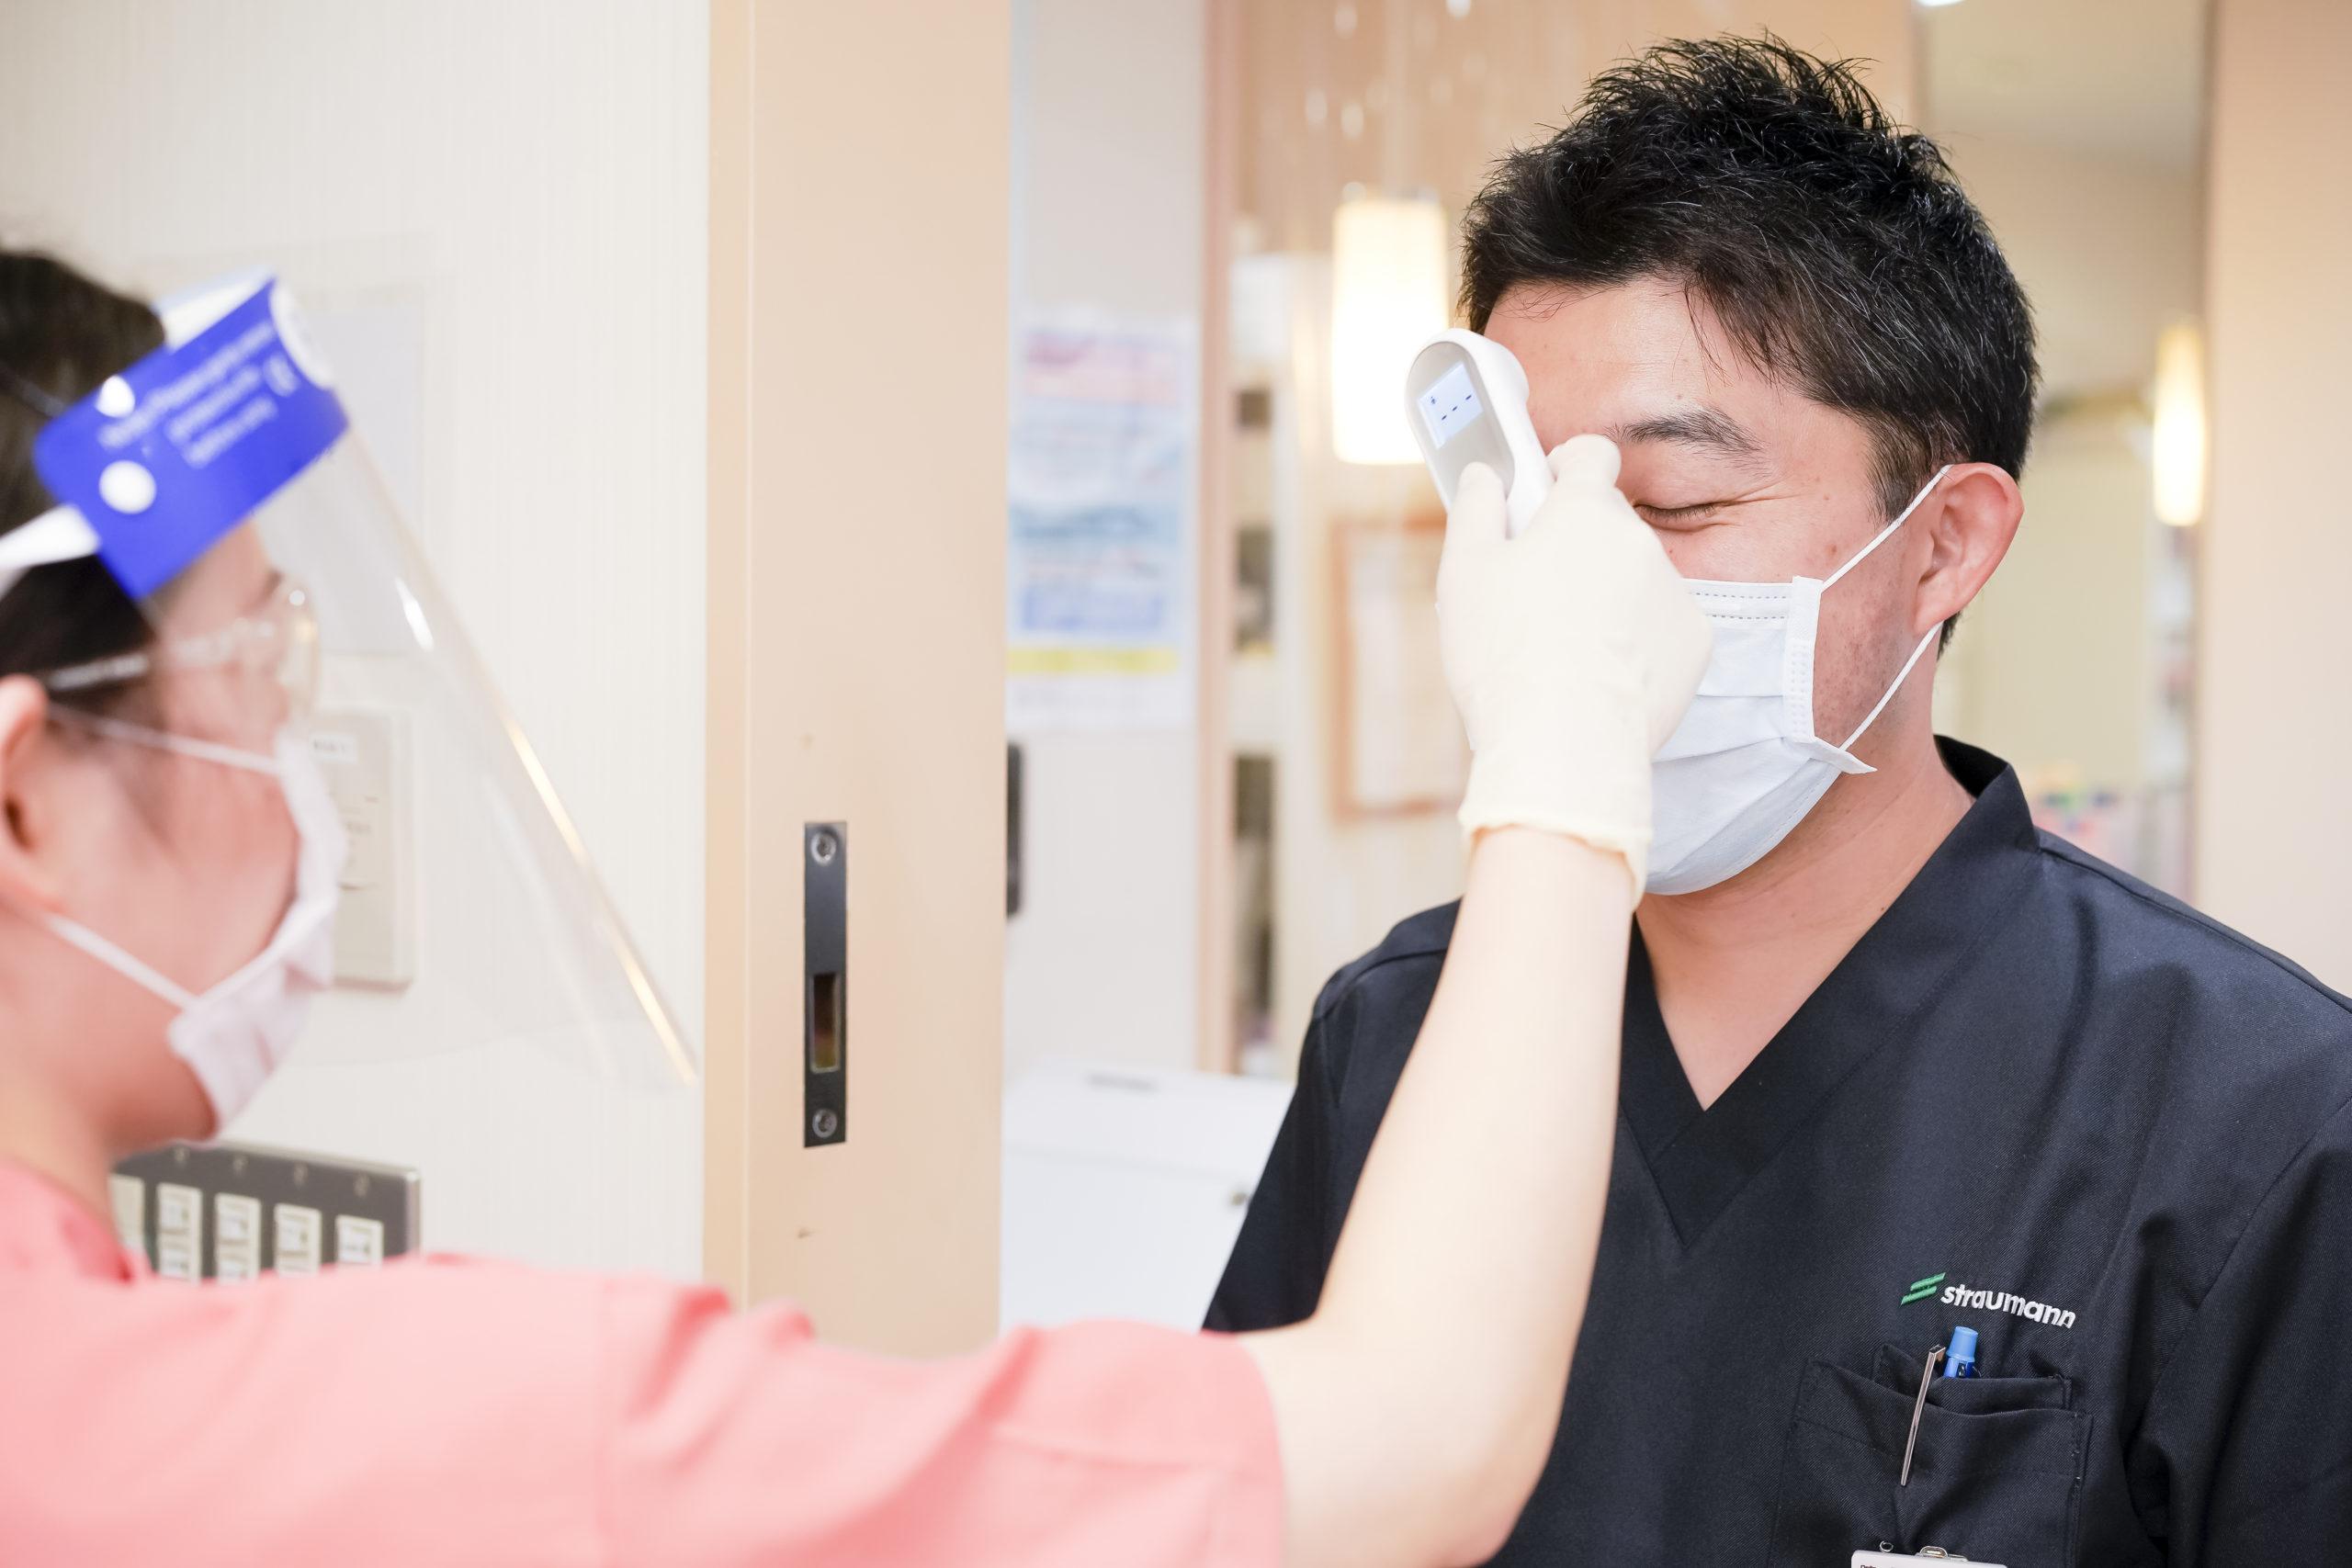 久喜 いしはた歯科クリニック 非接触体温計でコロナ対策